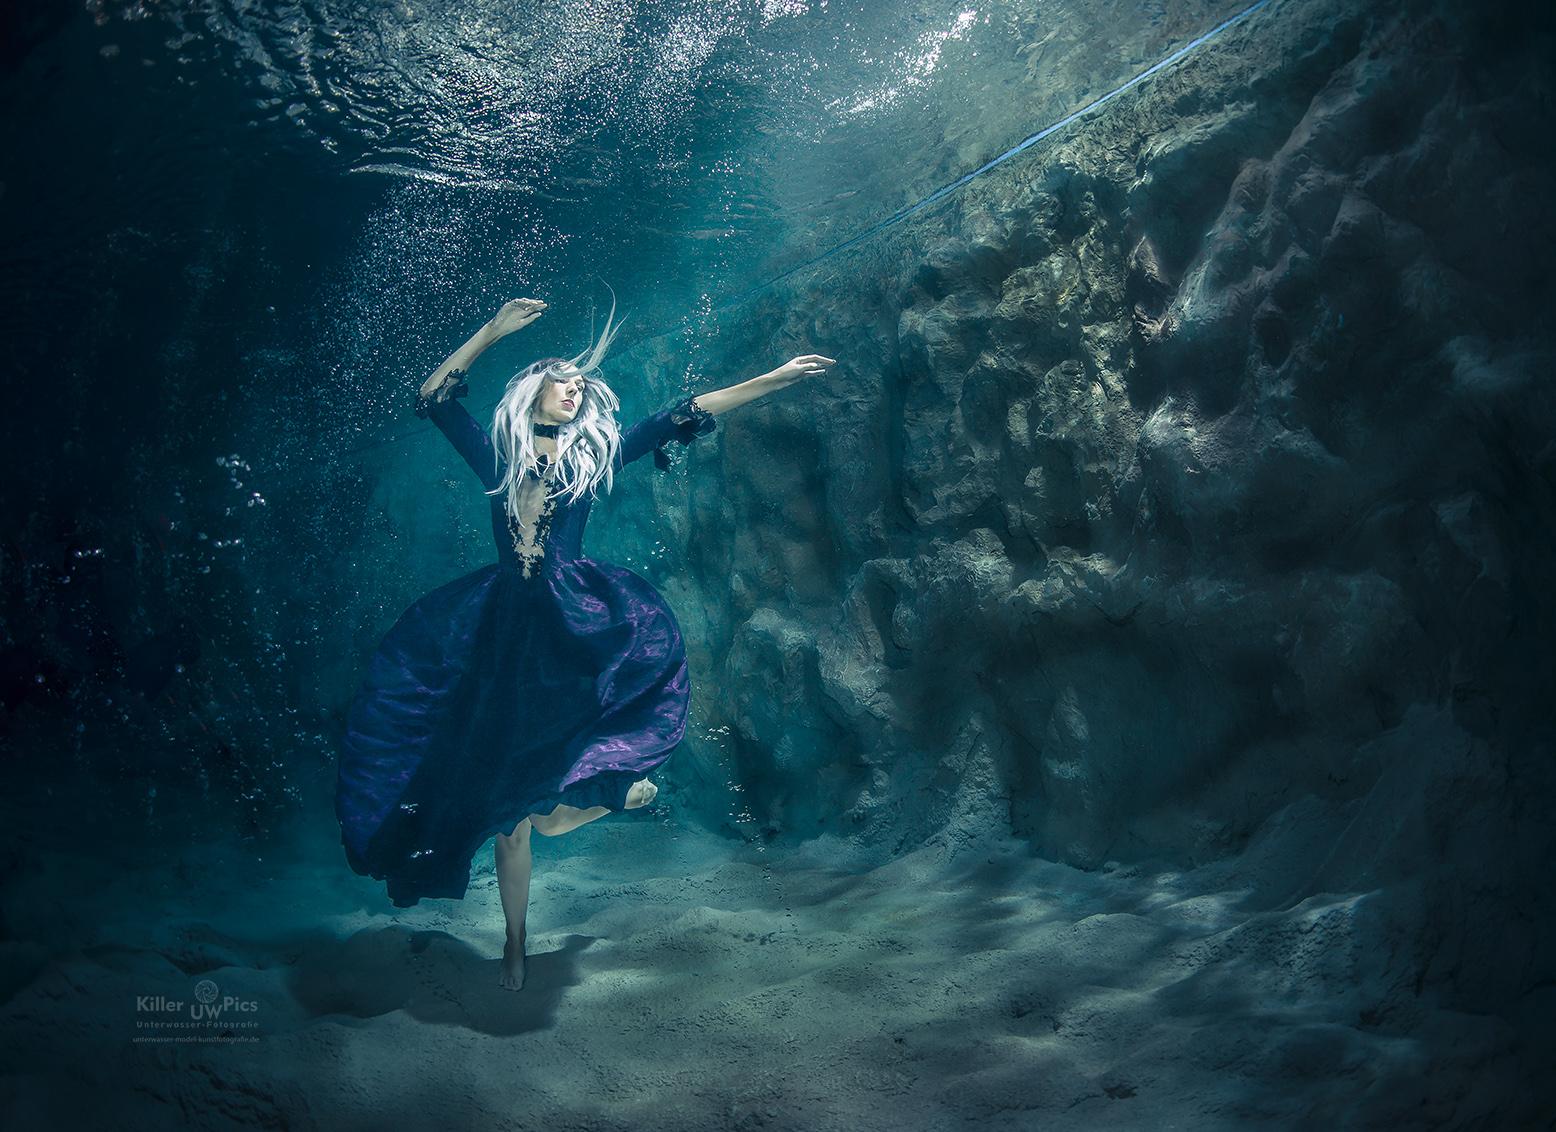 (C) Fotograf: Konstantin Killer, Model: Karina, Unterwasser Shooting